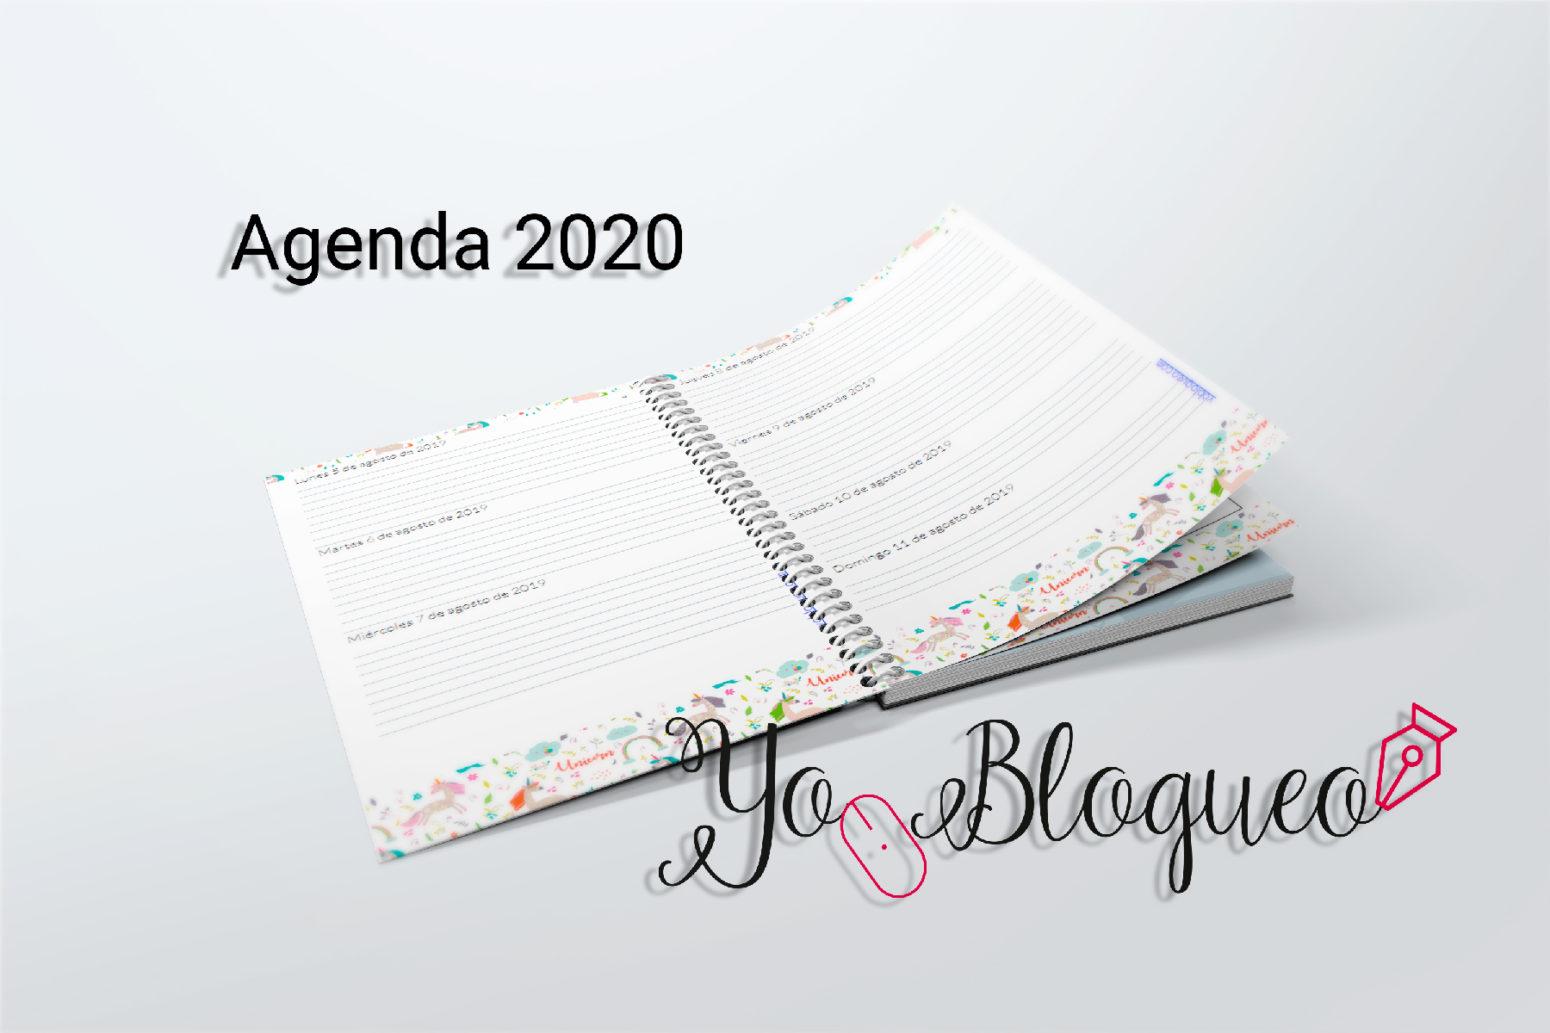 agenda gratis descargable 2020